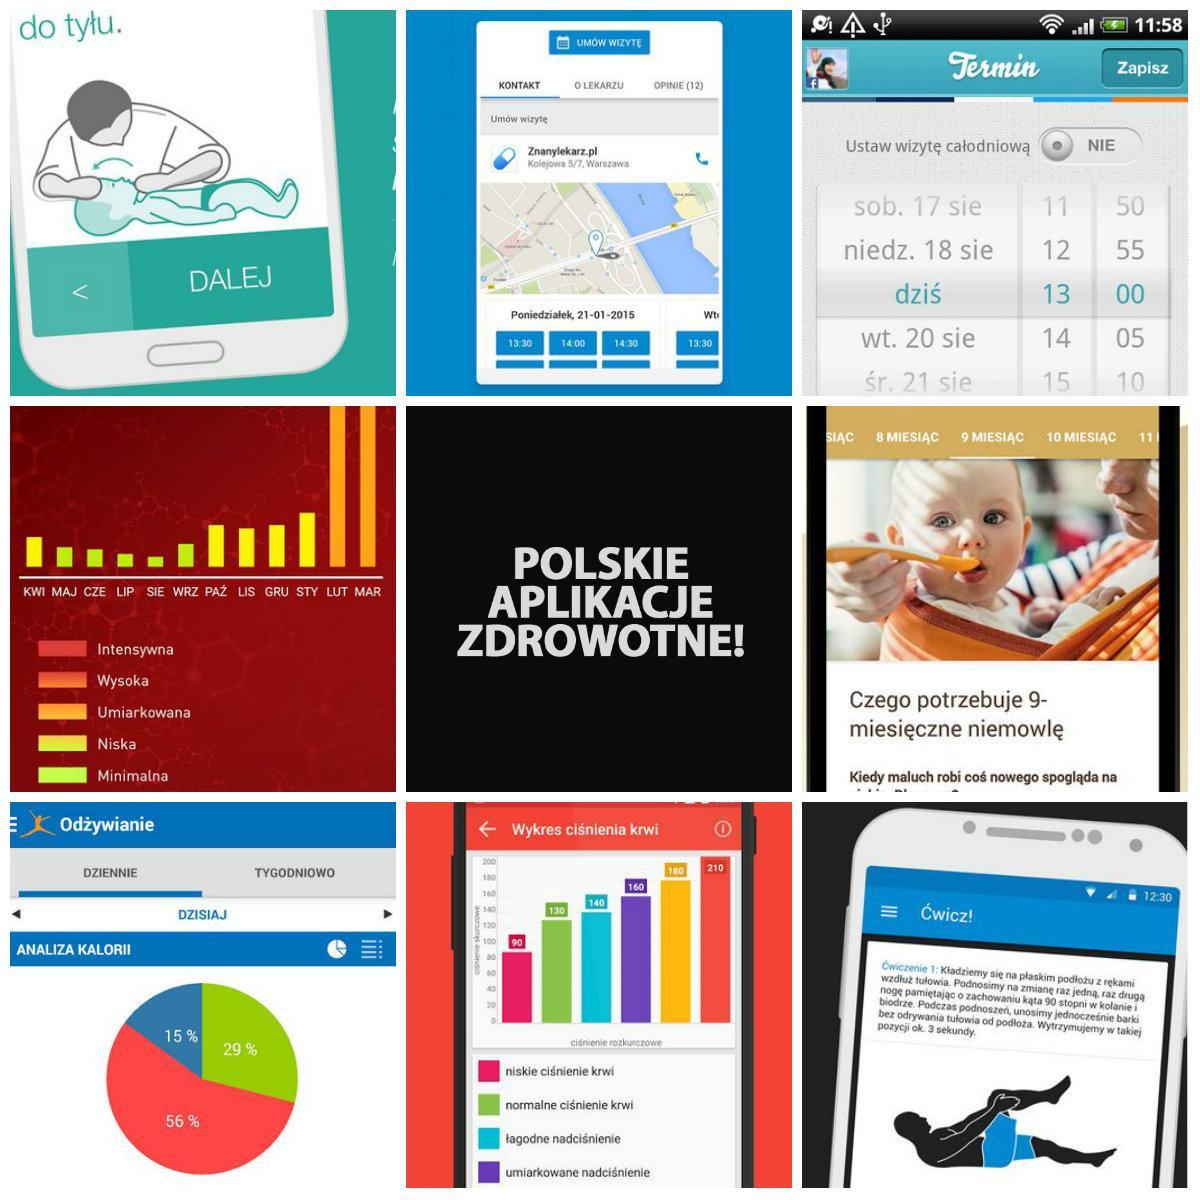 Top 8 bezpłatnych aplikacji zdrowotnych!